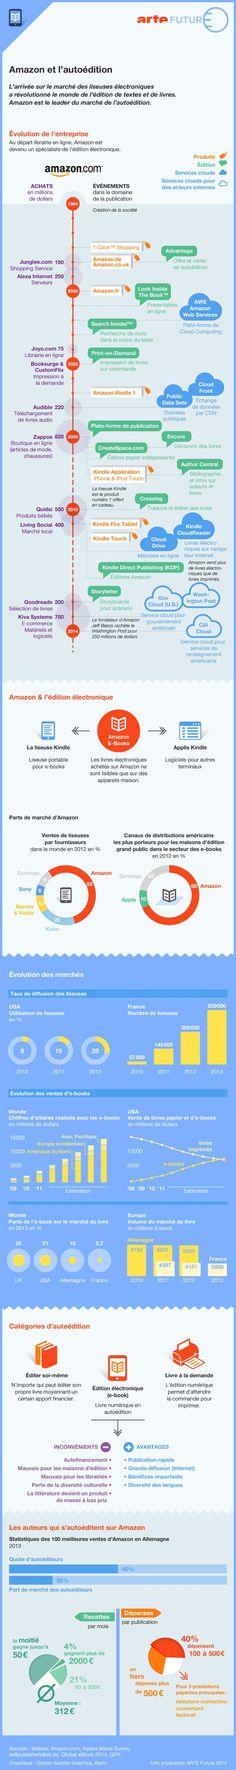 Une infographie intéressante au sujet d'Amazon et de l'autopublication